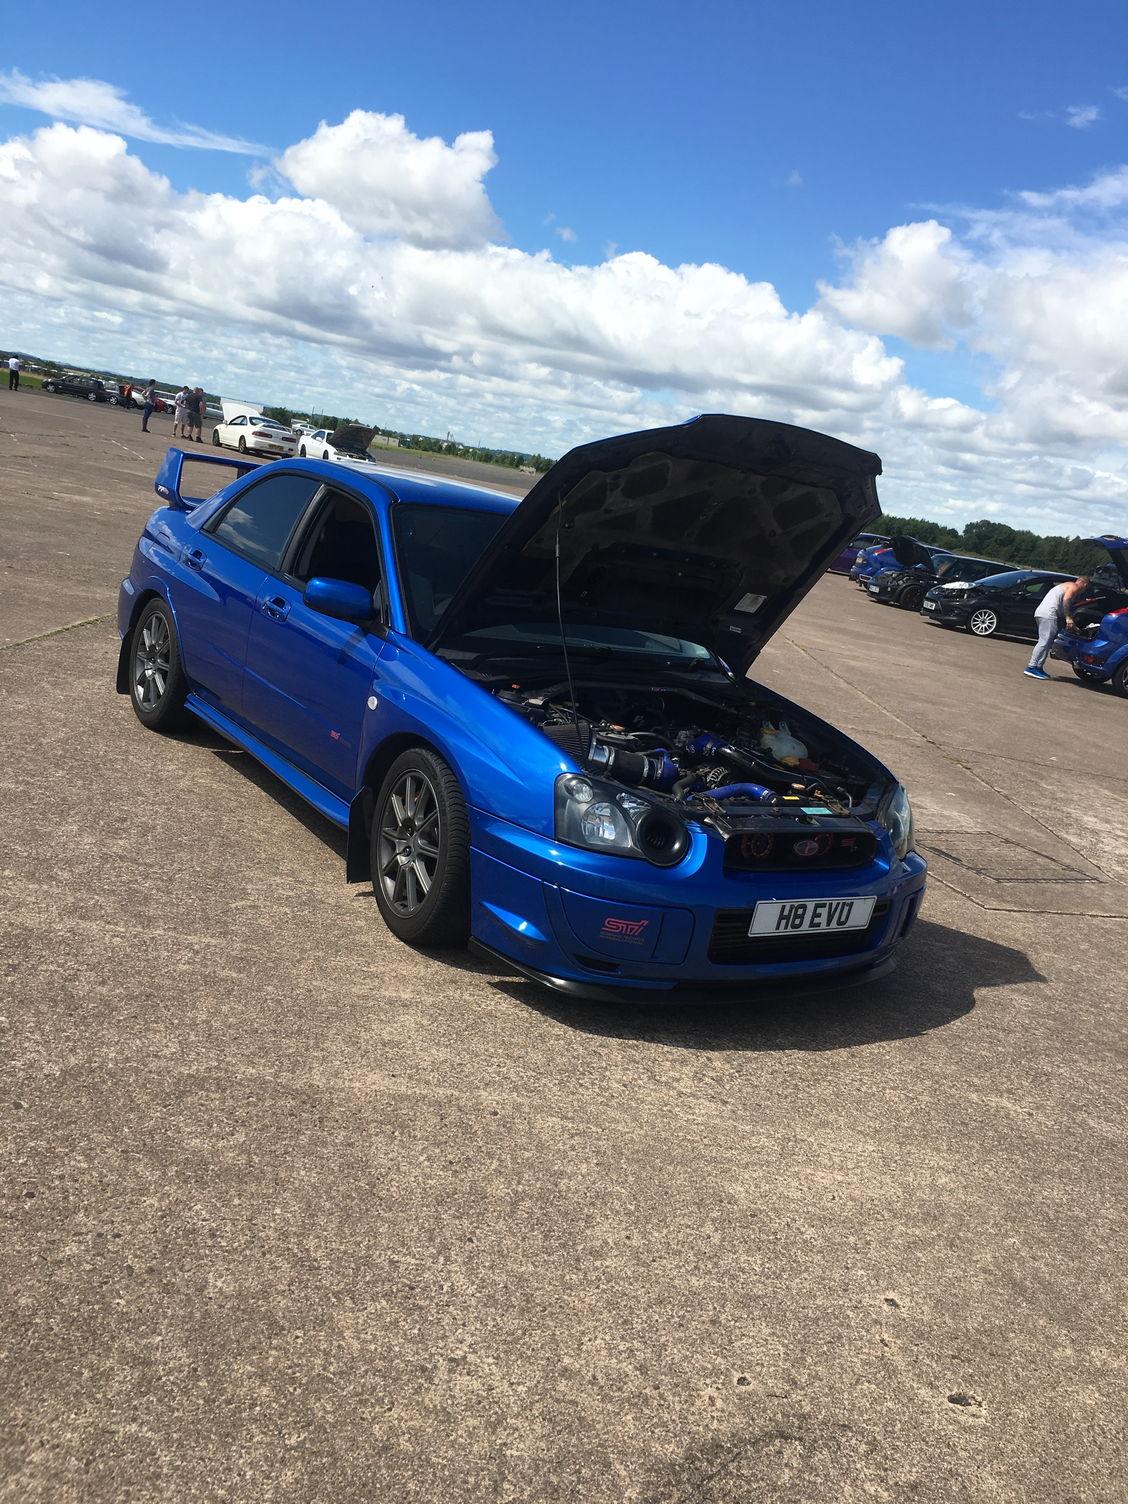 Impreza Sti Widetrack 450bhp Scoobynet Com Subaru